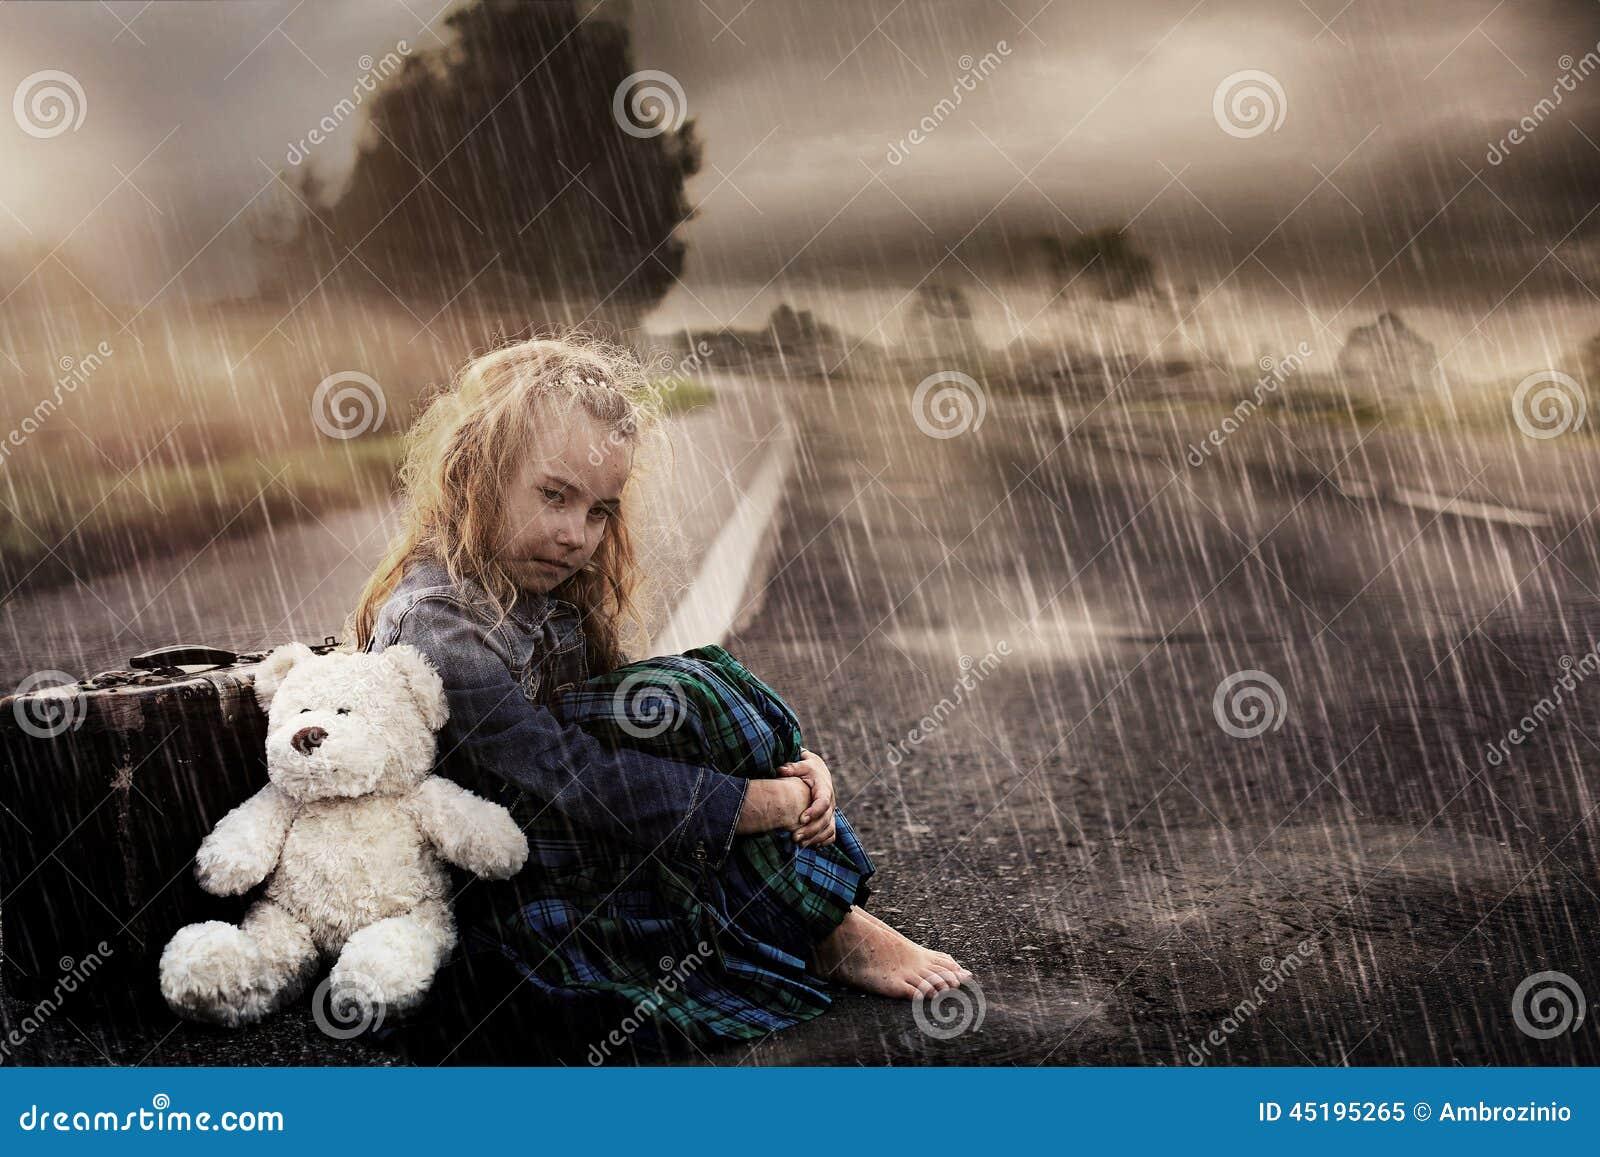 Spiksplinternieuw Eenzaam Meisje Alleen Op De Straat Stock Afbeelding - Afbeelding XS-61